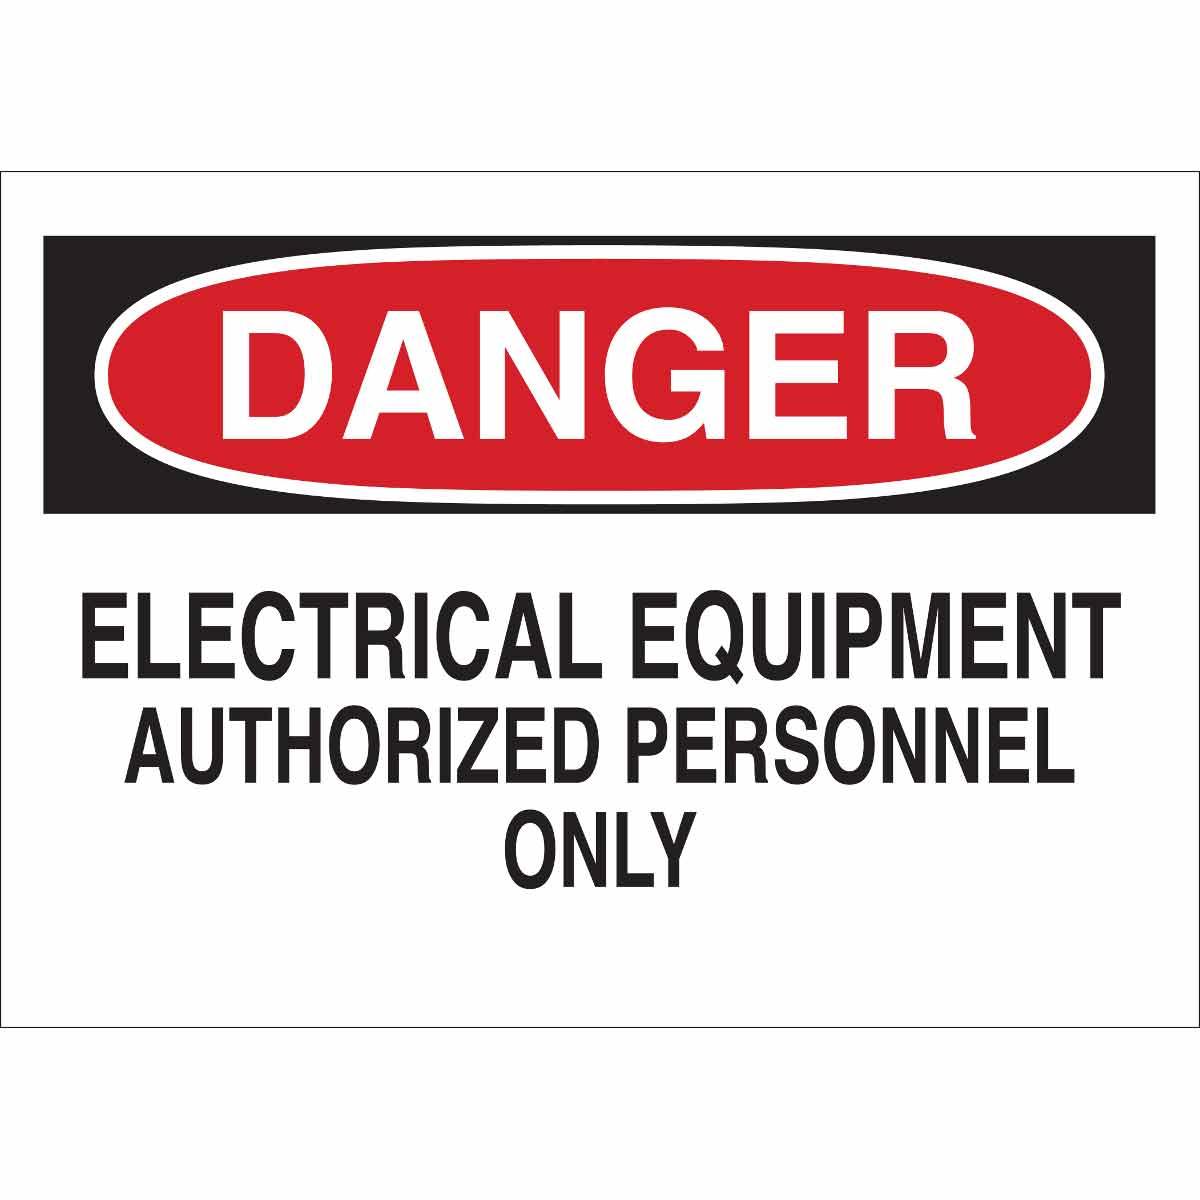 BRADY 22094 PLAST ELEC HAZARD SIGN